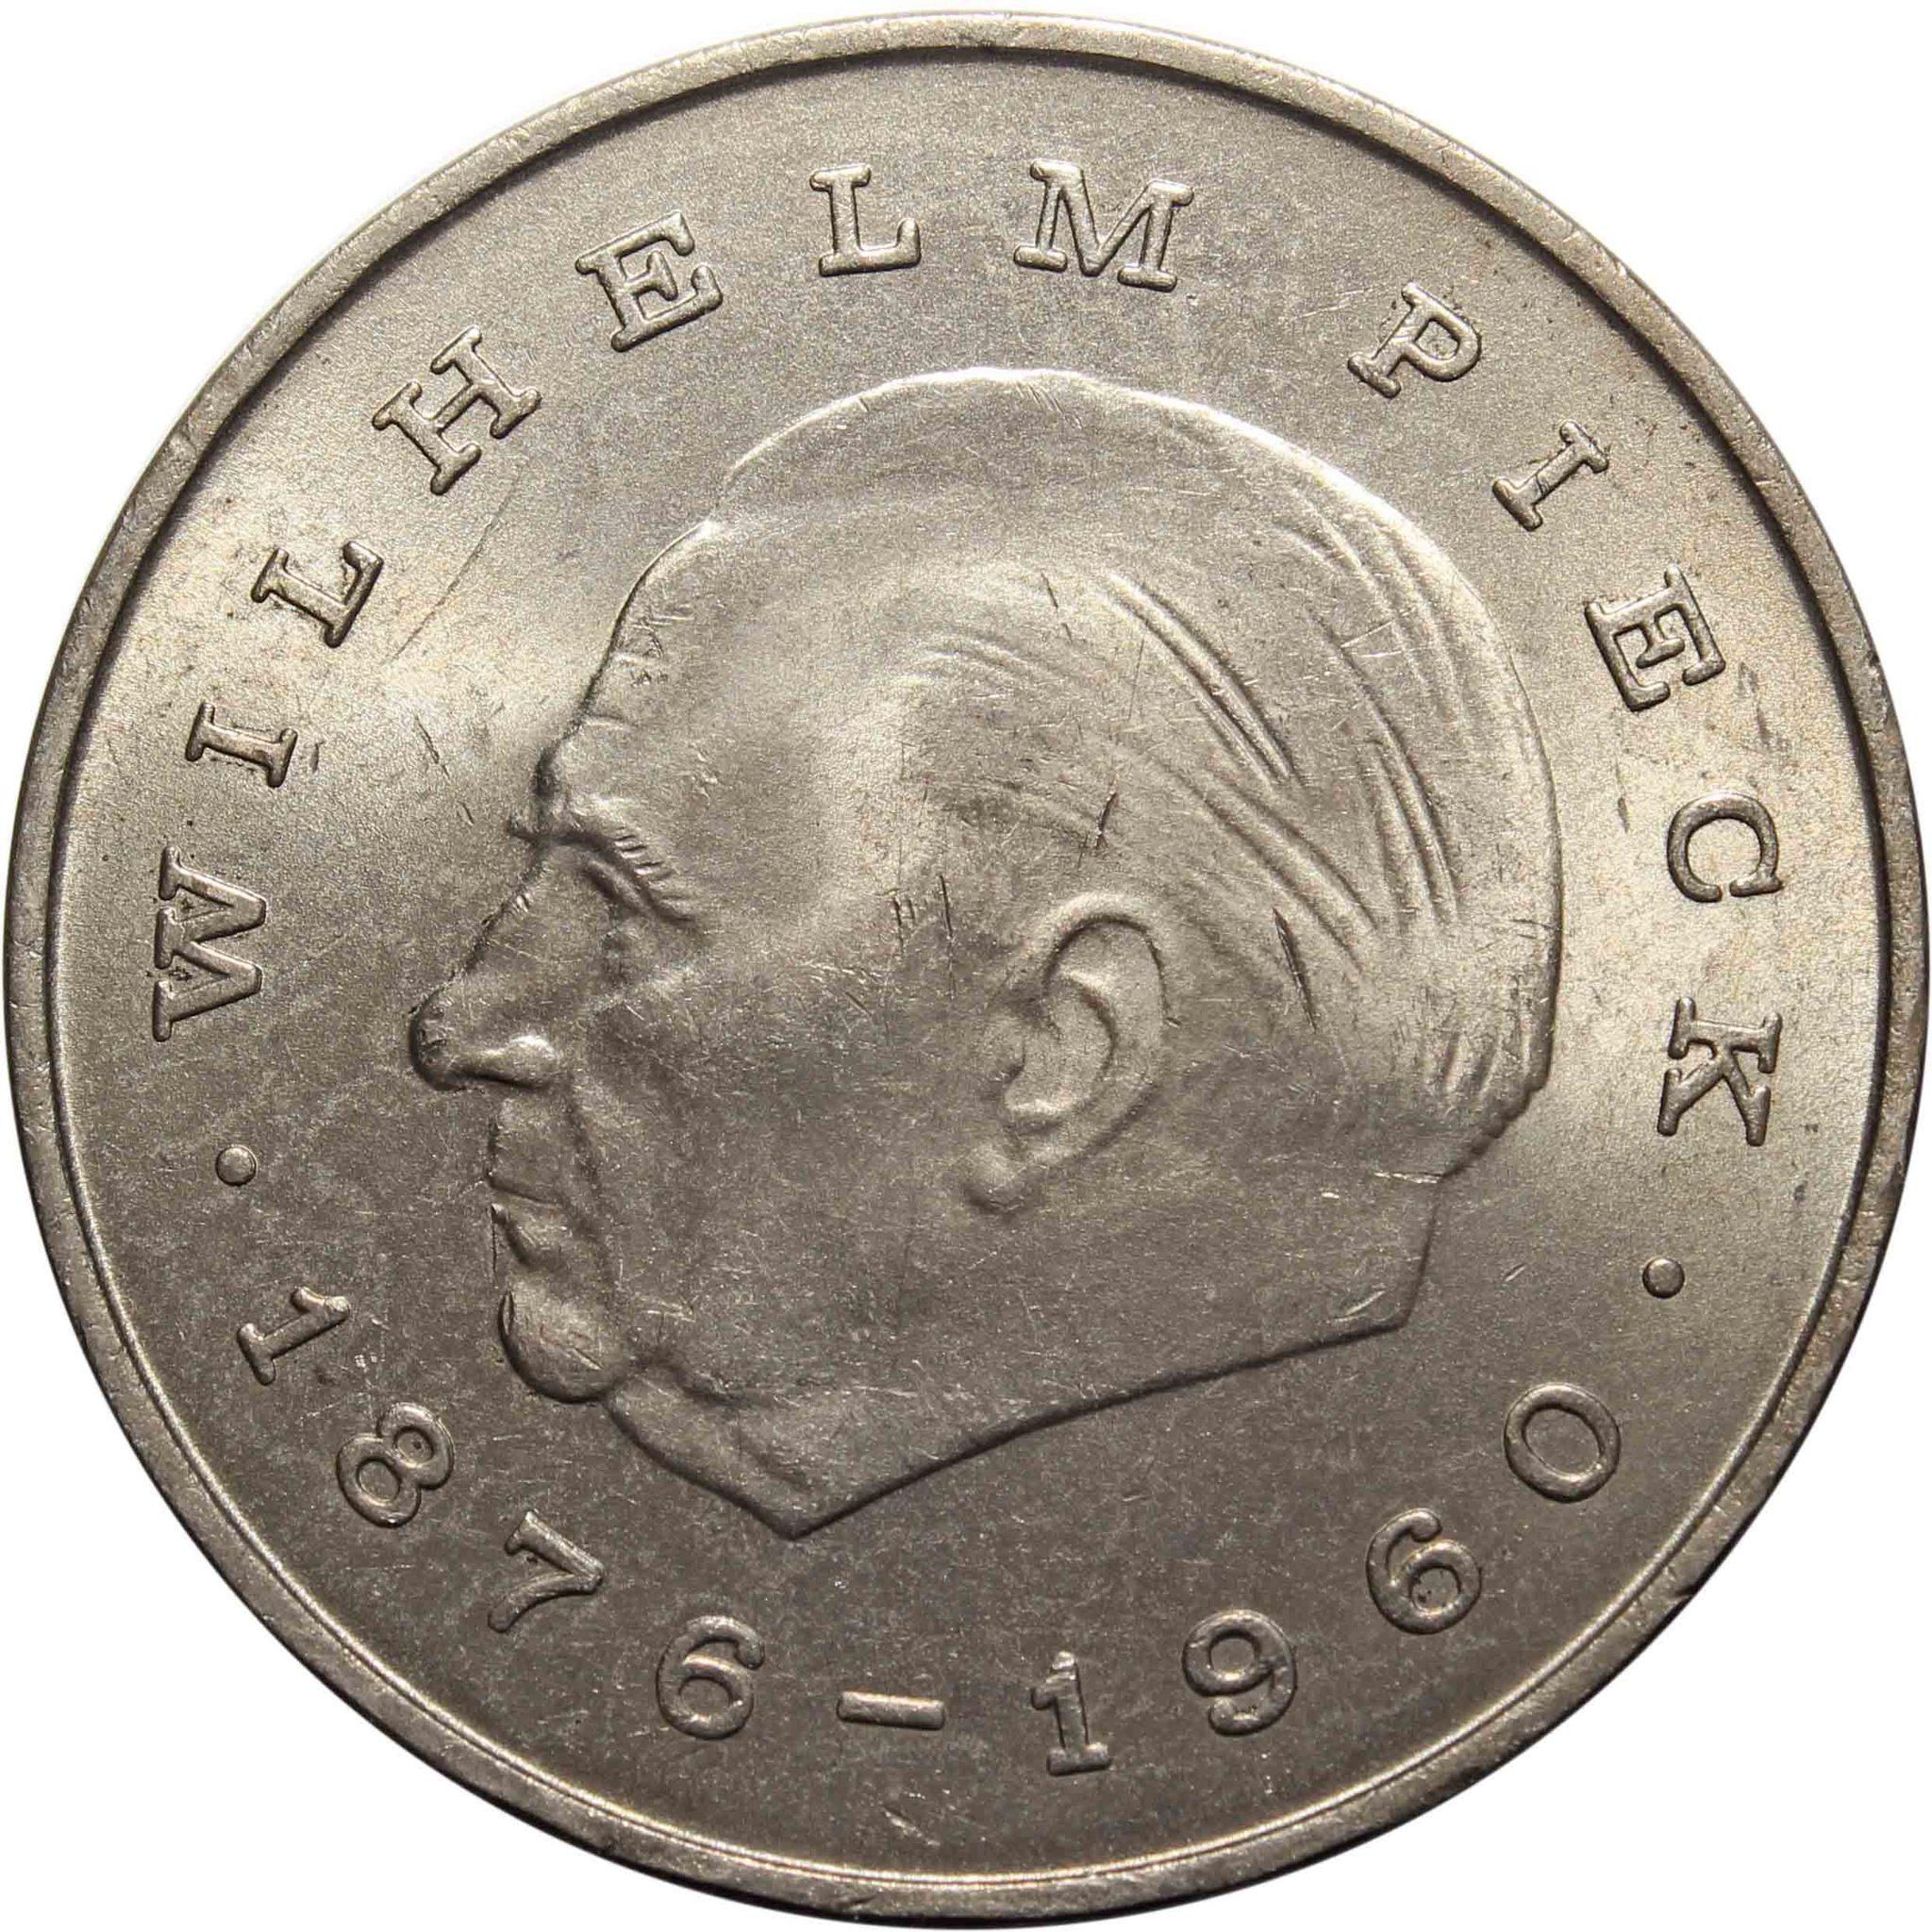 20 марок. Первый президент ГДР - Вильгельм Пик. (A). Германия-ГДР. Медноникель. 1972 год. XF